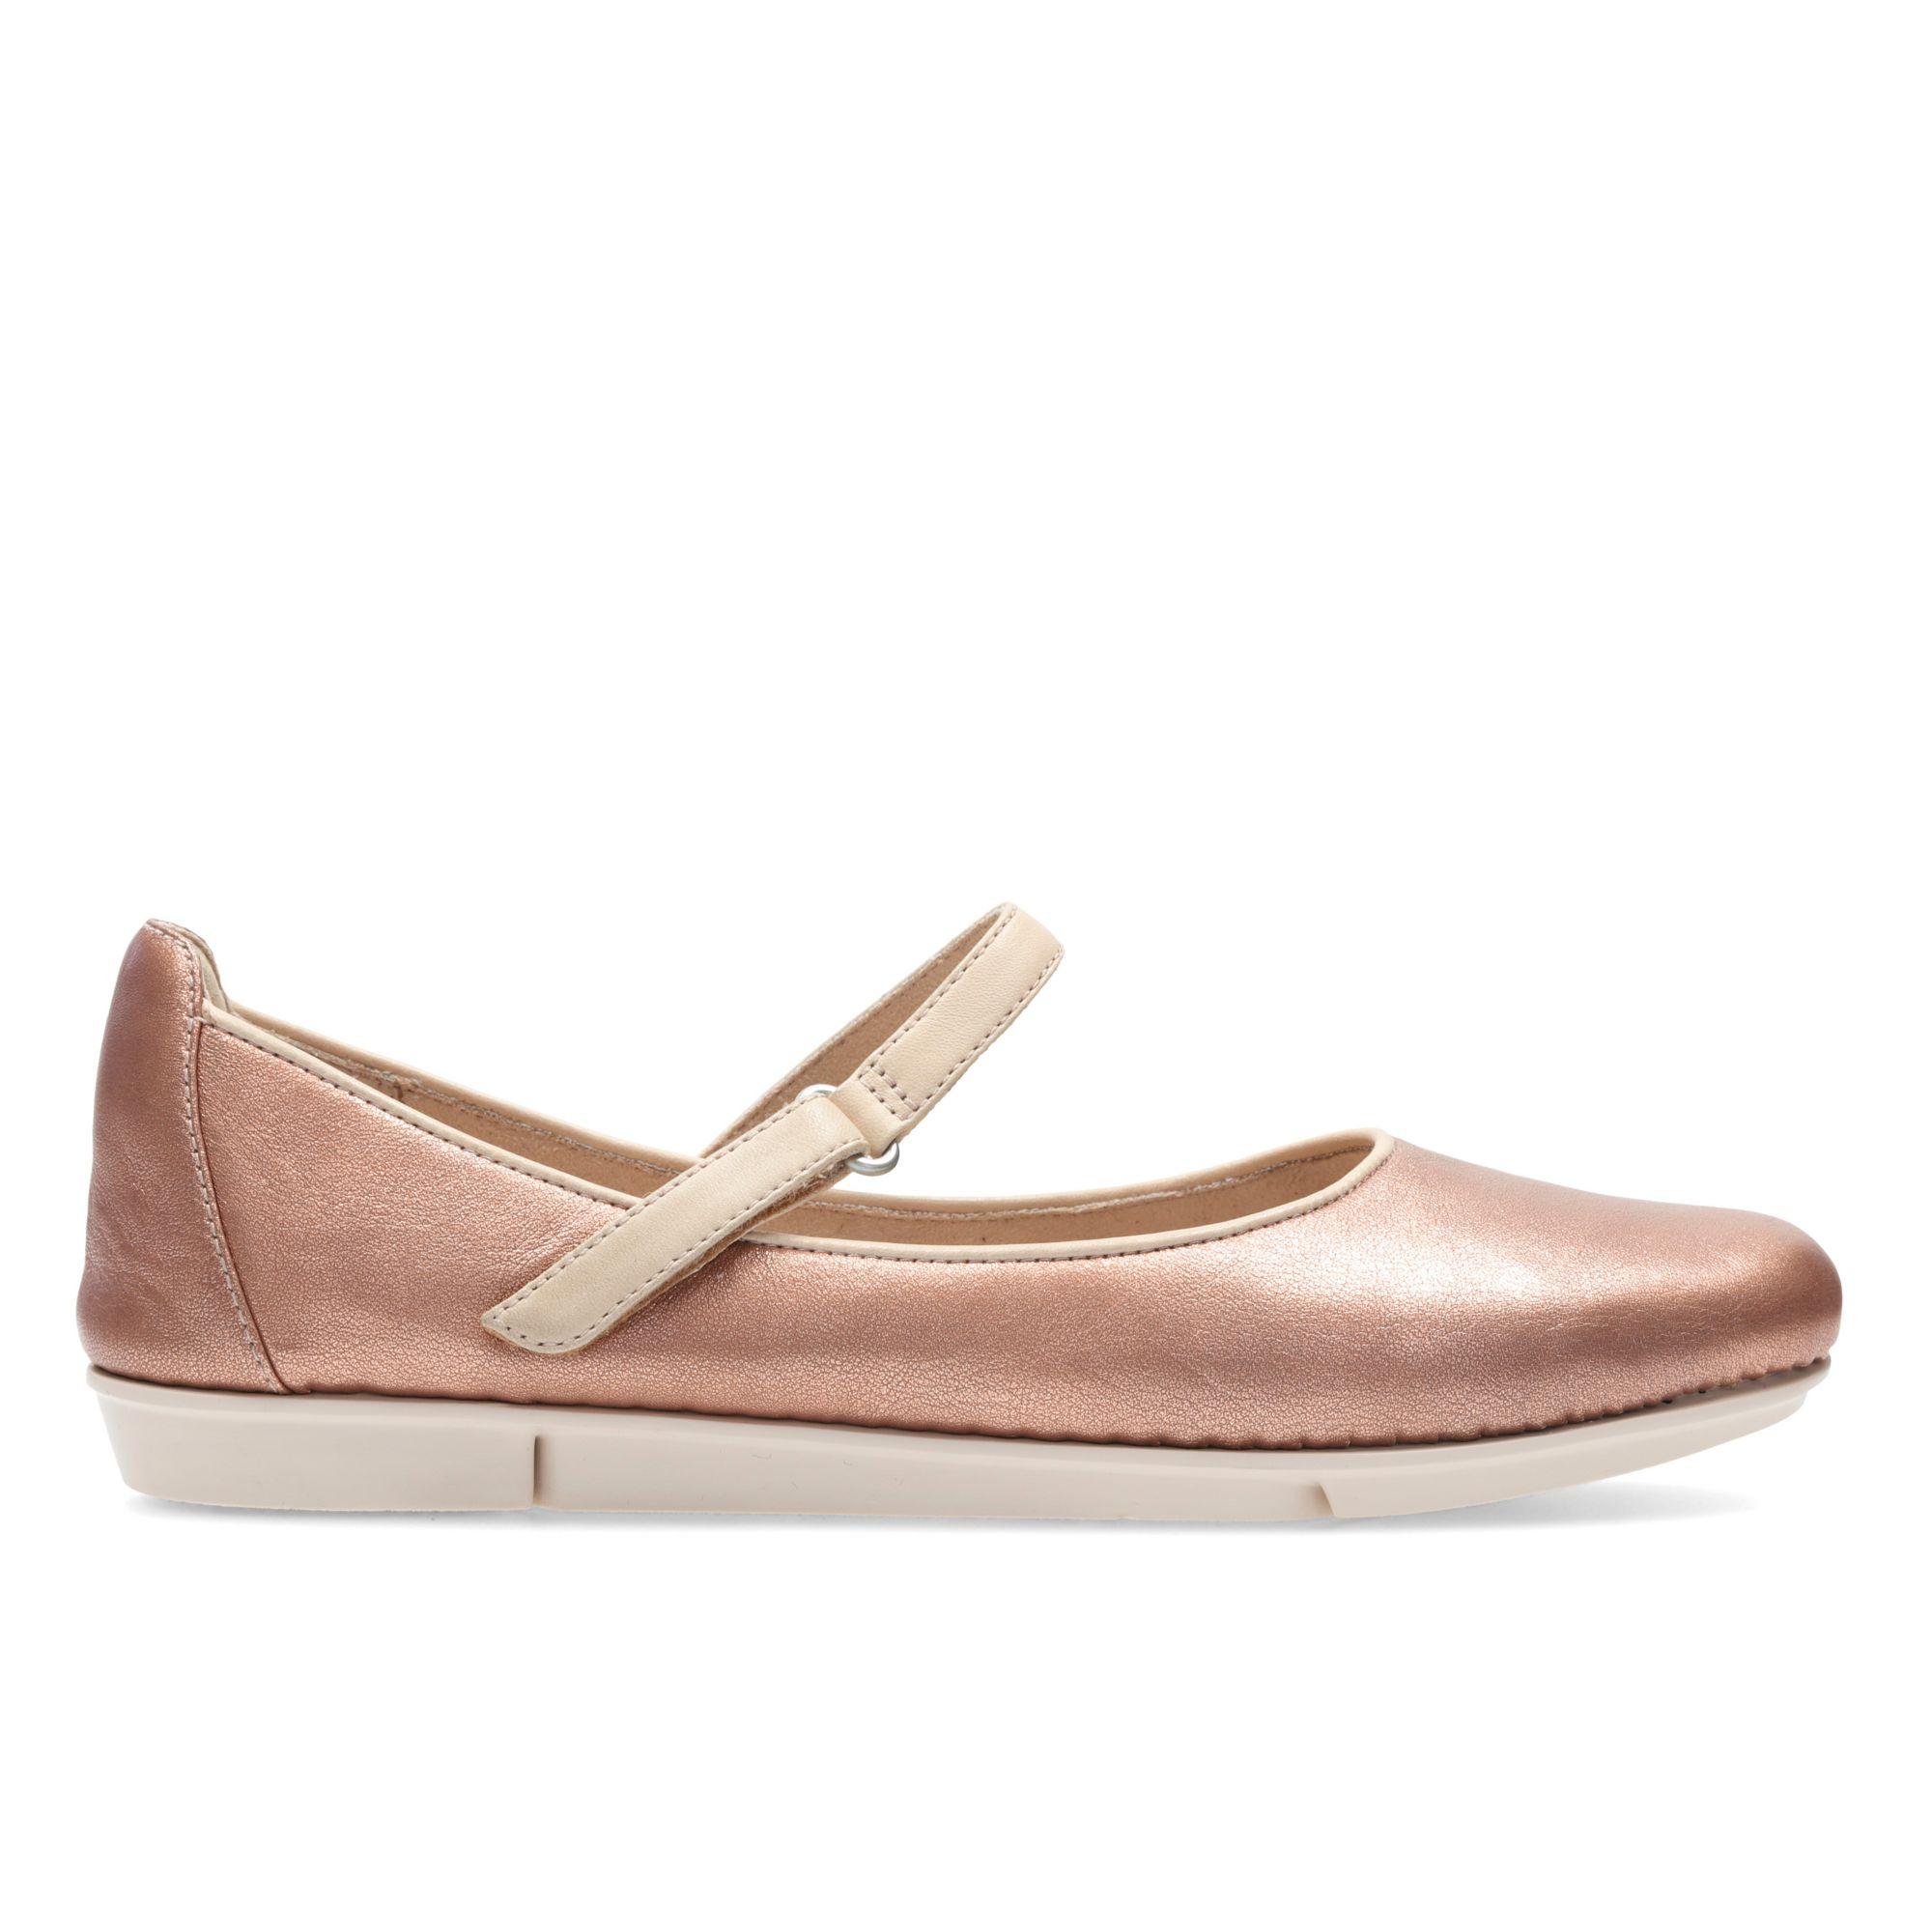 Zapatos mujer Tri Axis: Tiendas Notizalia